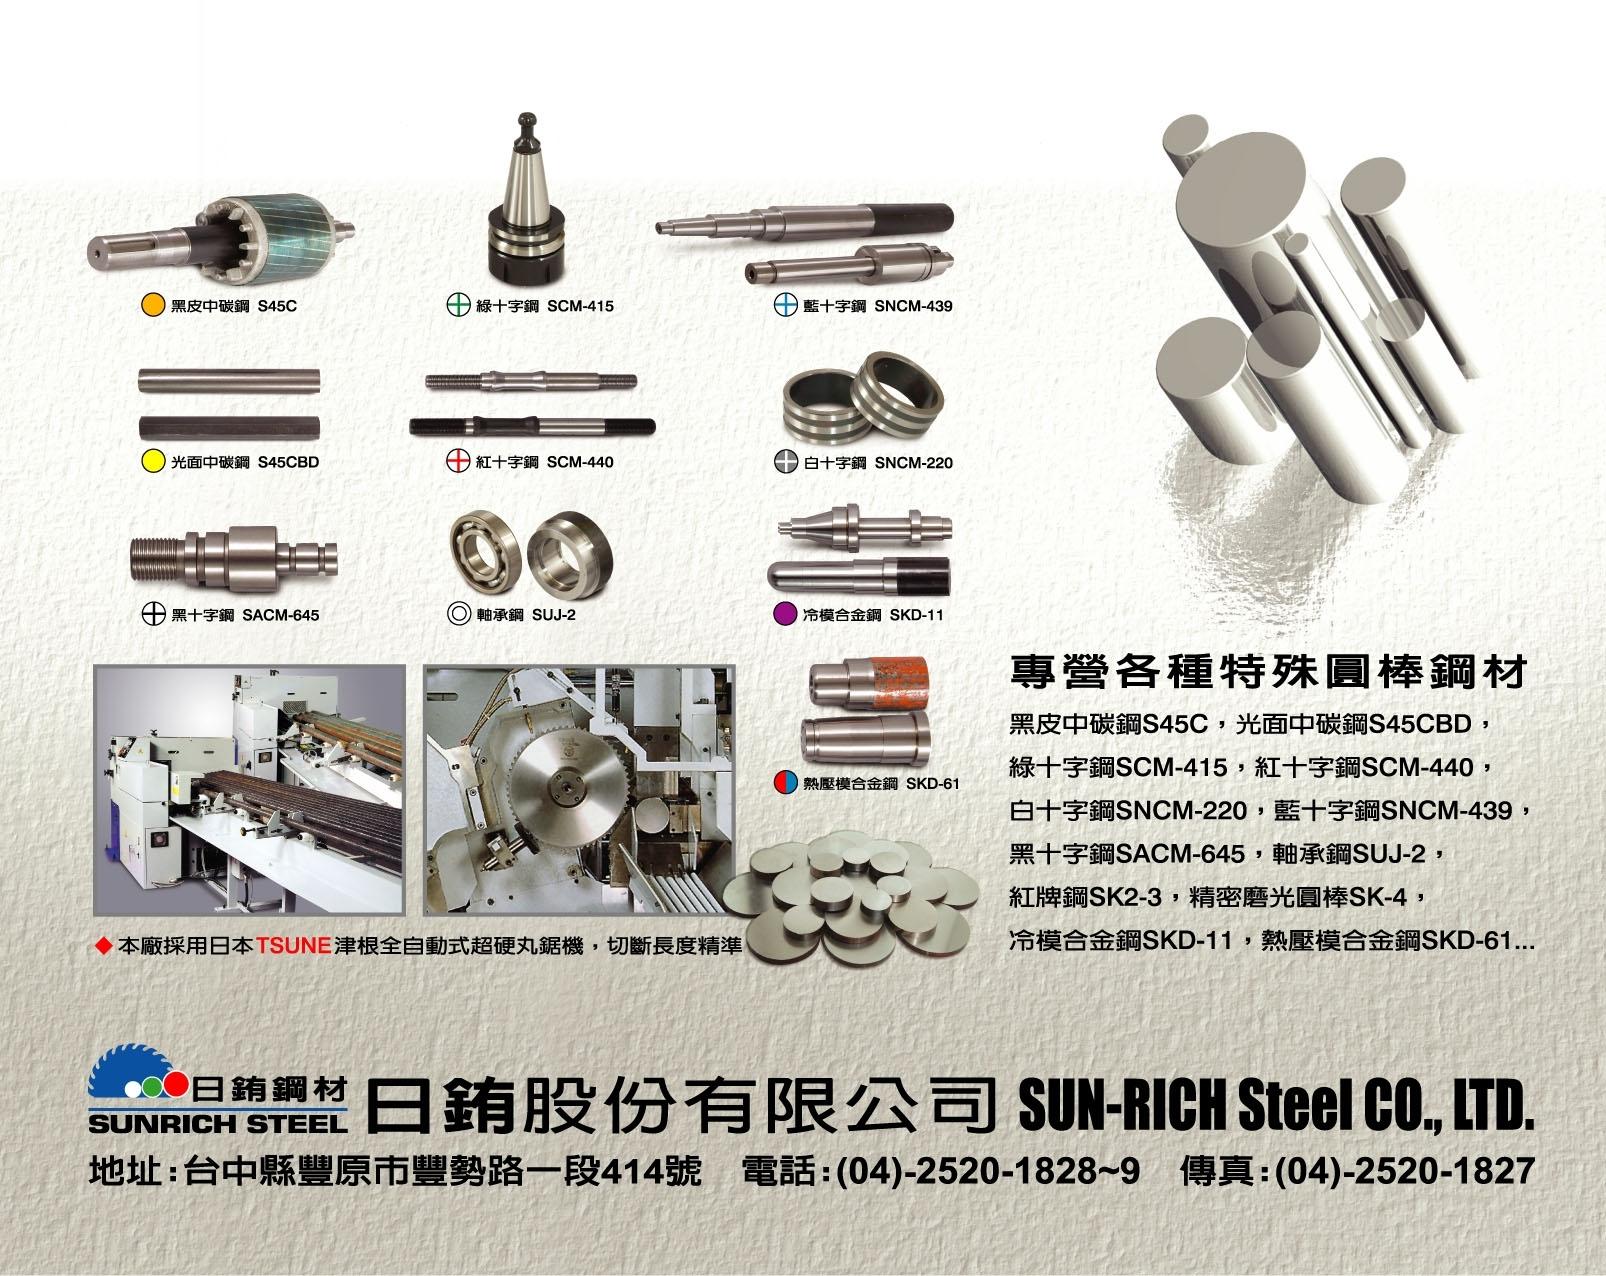 日銪特殊鋼---專營各種特殊鋼鐵